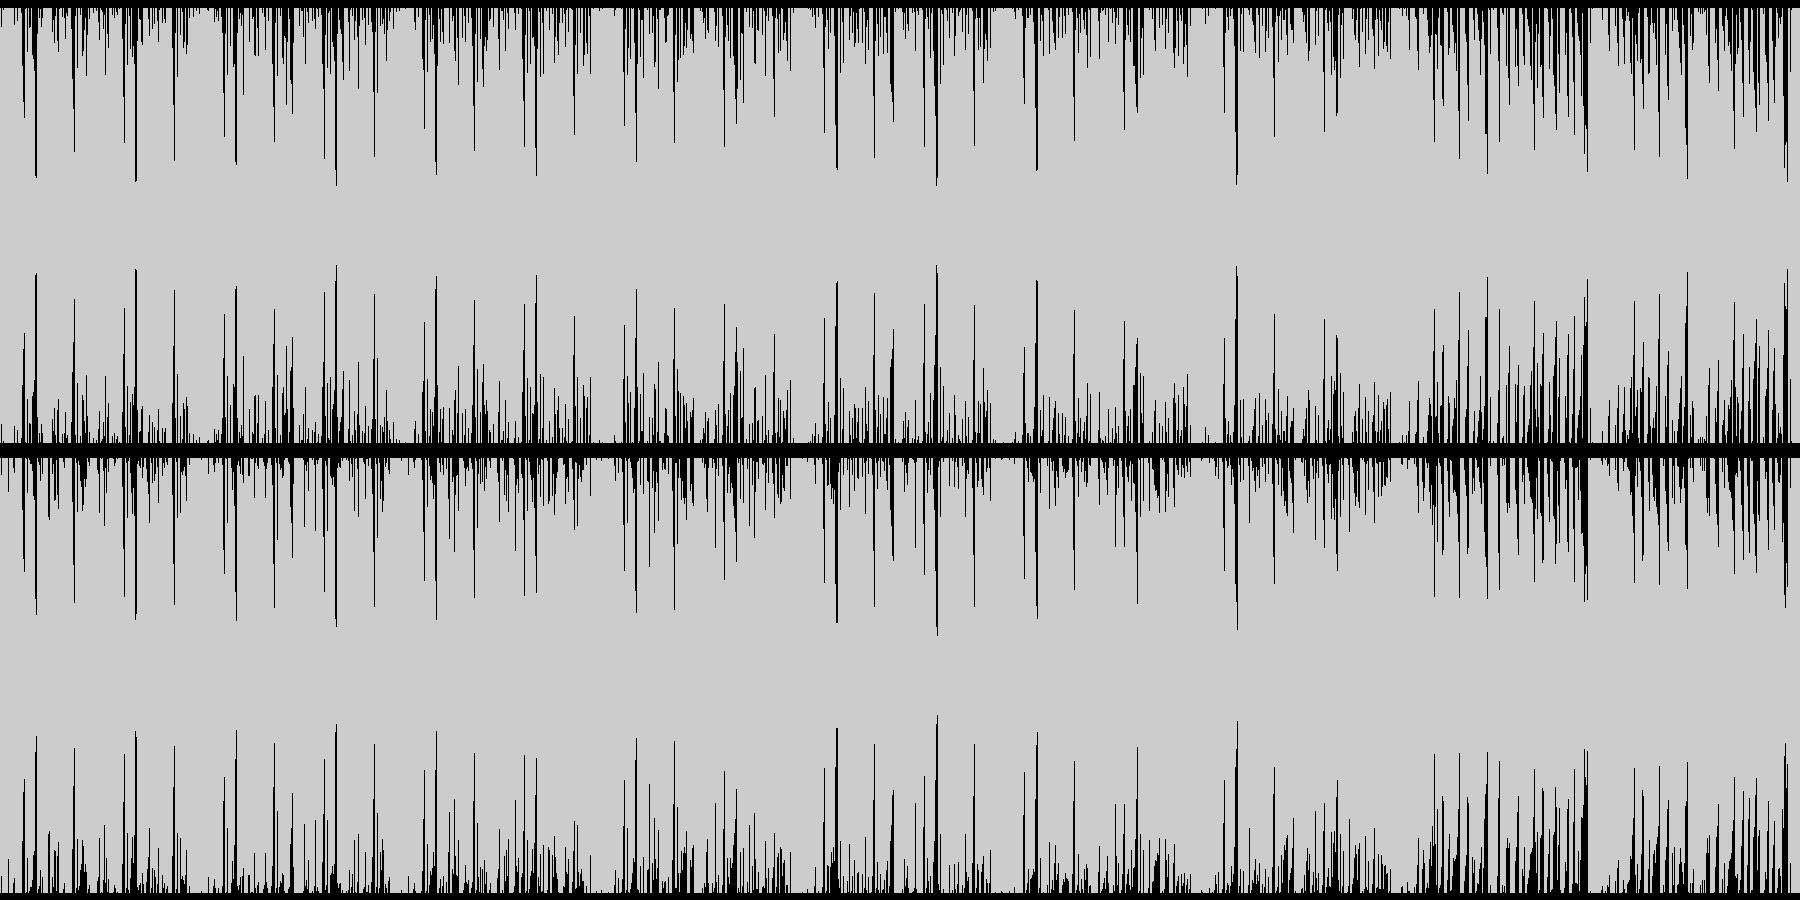 ループ:疾走感溢れるEDMの未再生の波形